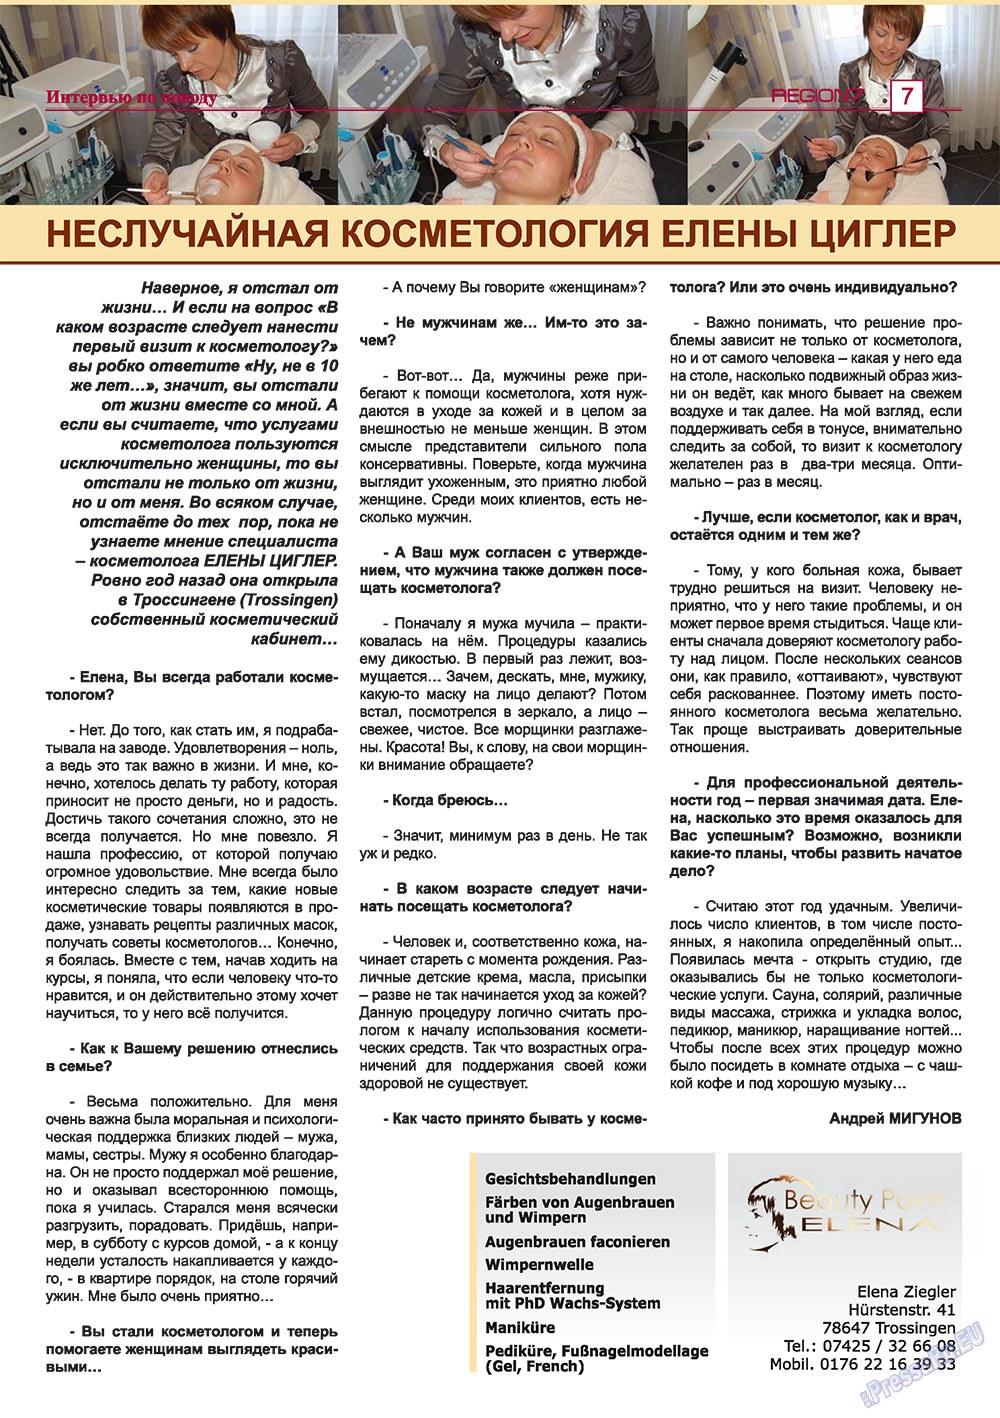 Регион (журнал). 2009 год, номер 5, стр. 7